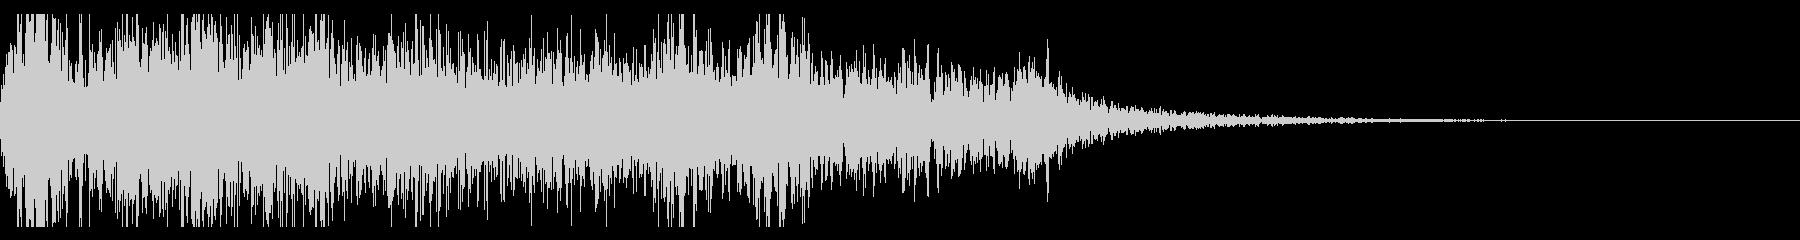 連続花火の本当にリアルな効果音!07の未再生の波形